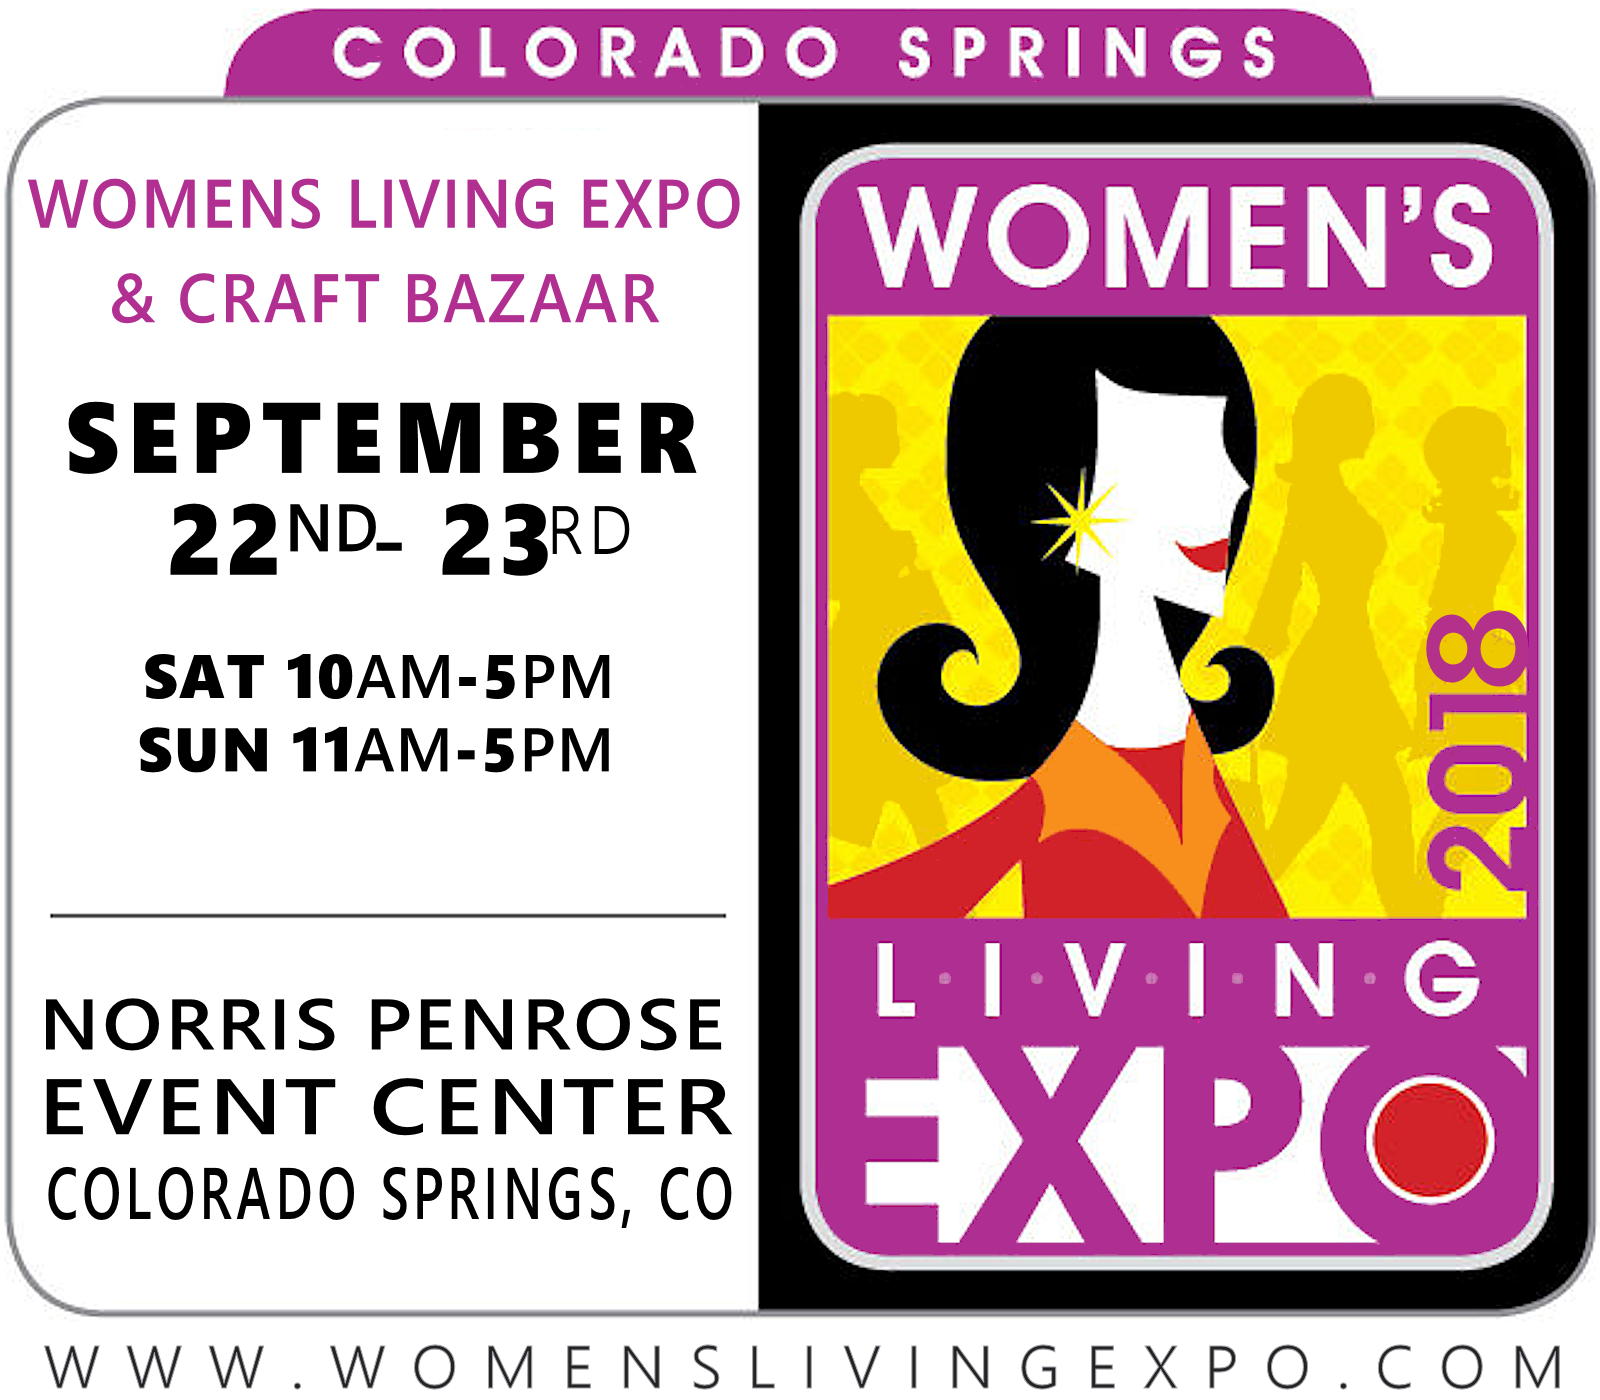 Colorado Springs Women's Living Expo 2018